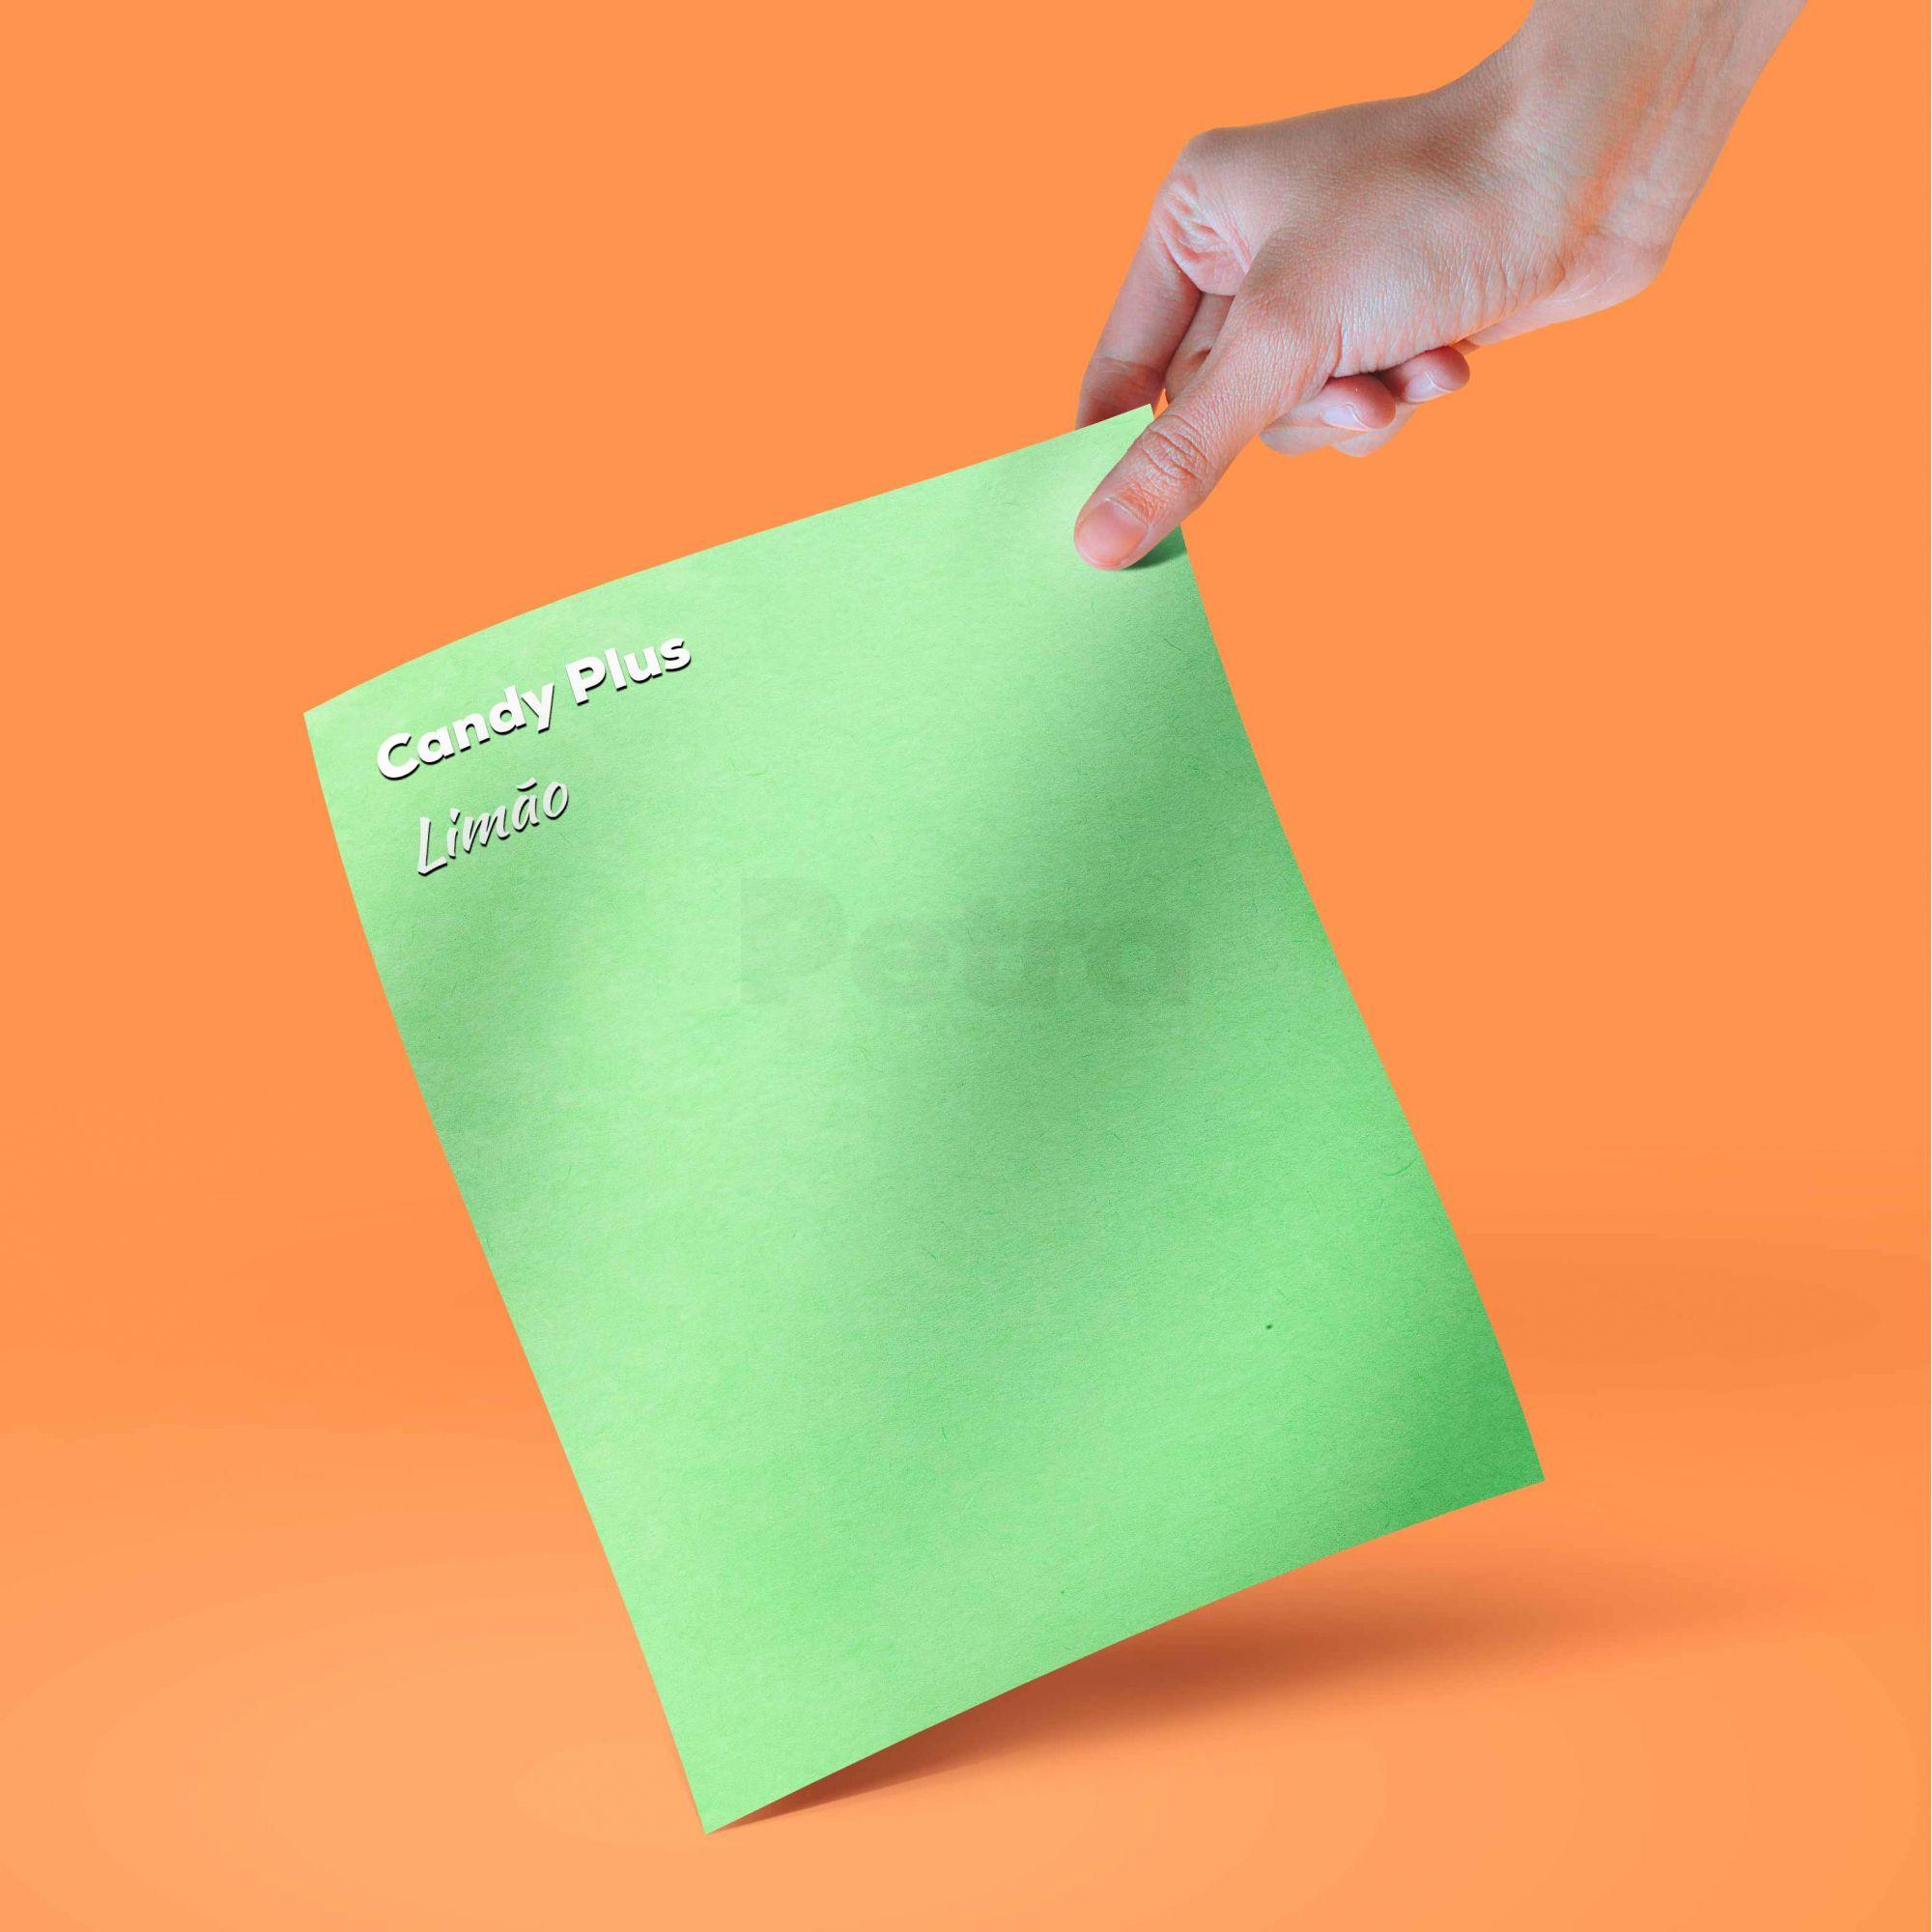 Candy Plus - Limão  - Verde - Tam. 305x30,5cm - 180g/m² - 20 folhas